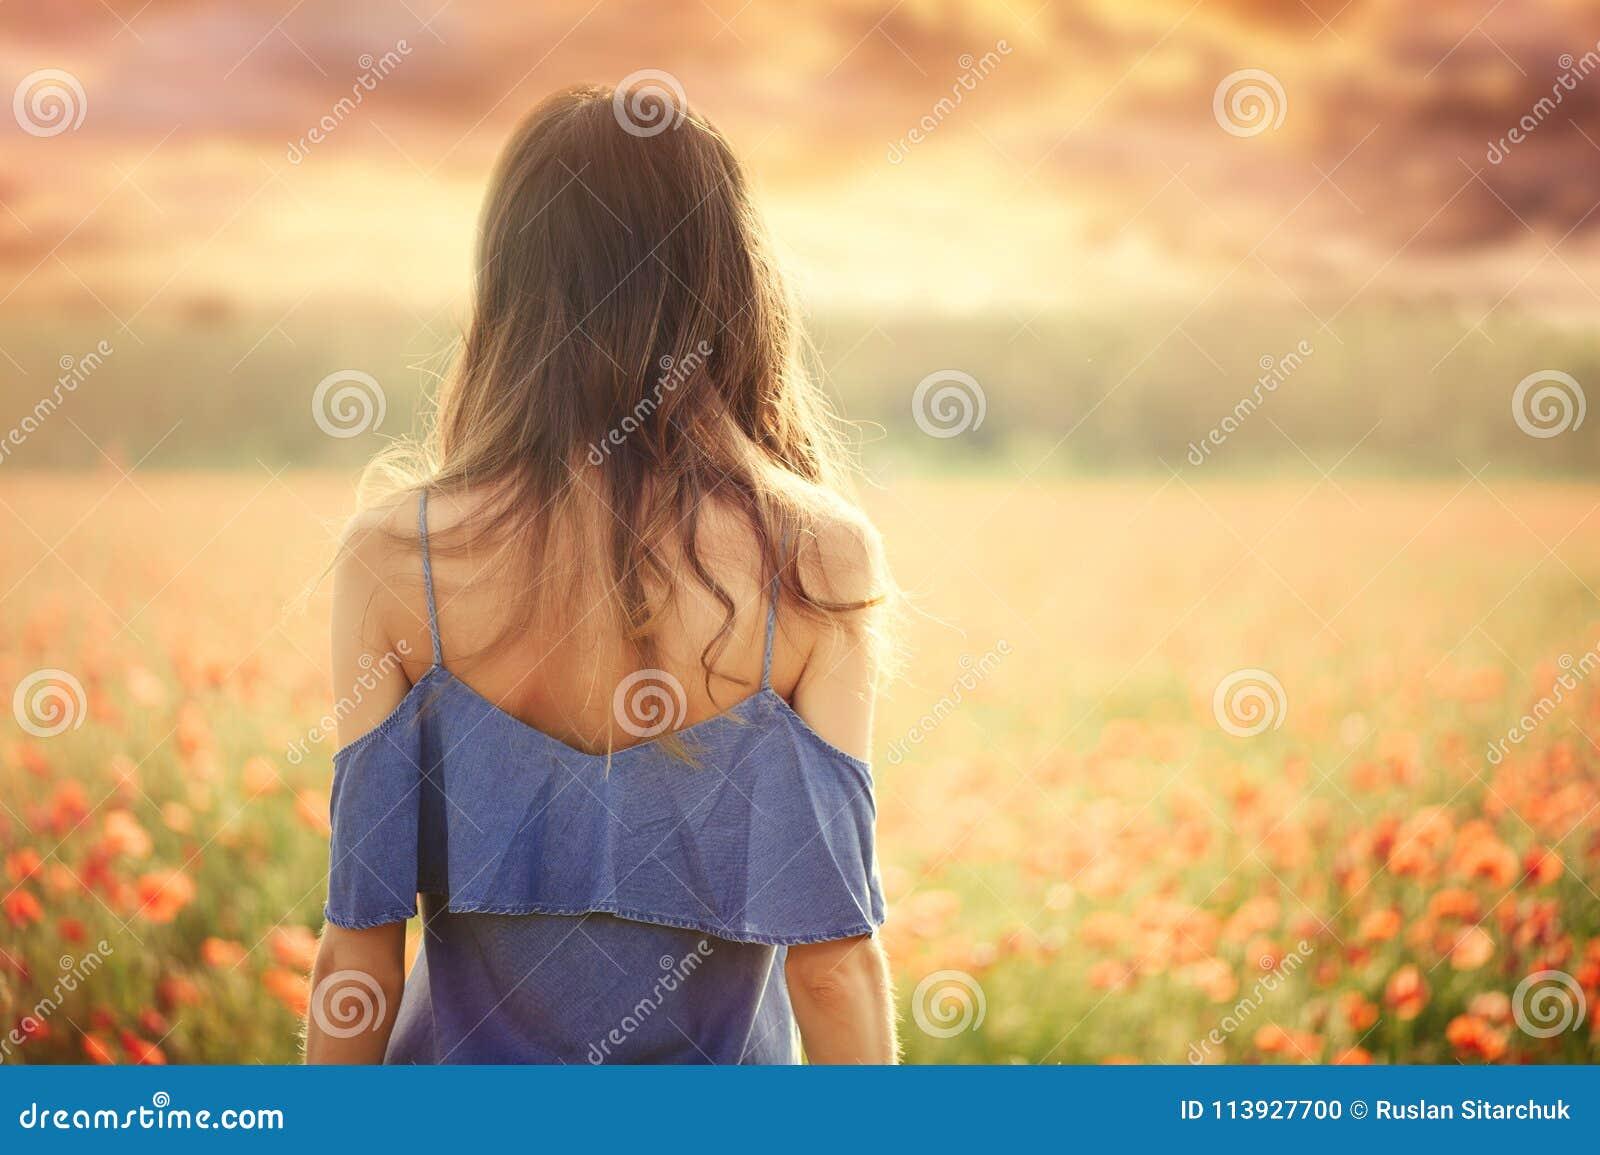 Härlig kvinna i en blå klänning i ett vetefält på solnedgången från den tillbaka varma toningen, lycka och en sund livsstil